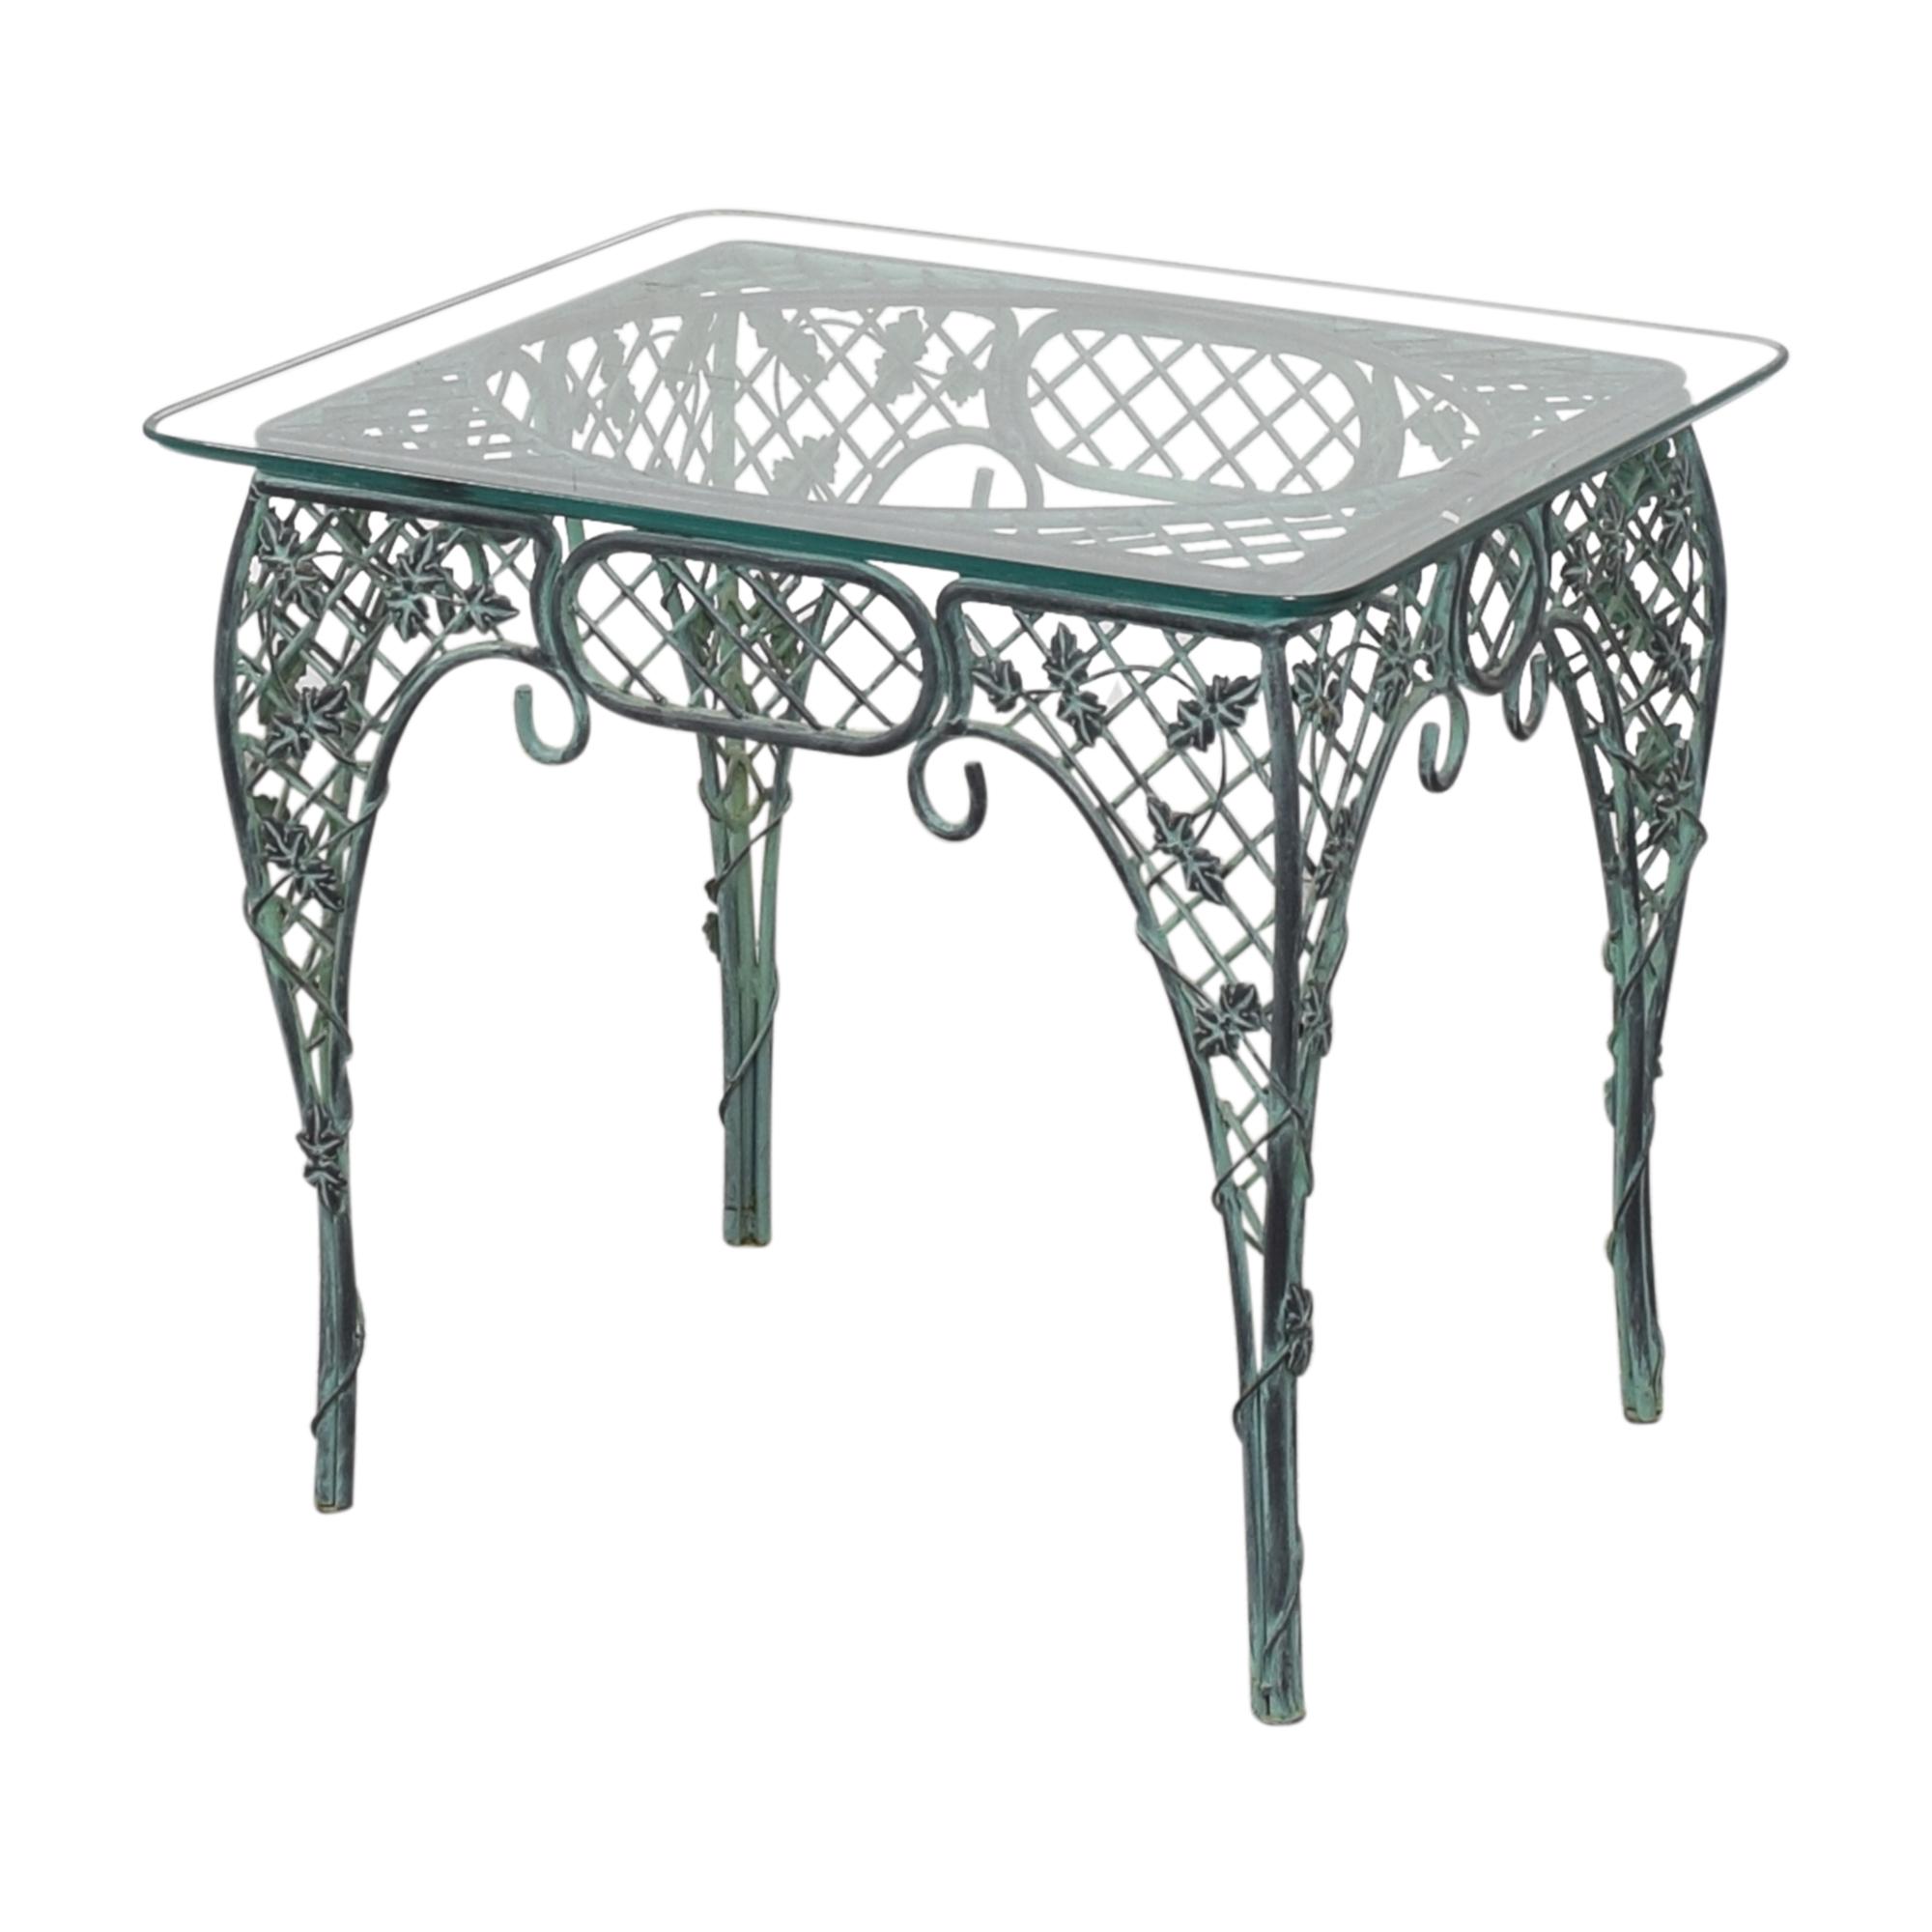 Huffman Koos Huffman Koos Decorative Accent Table nyc